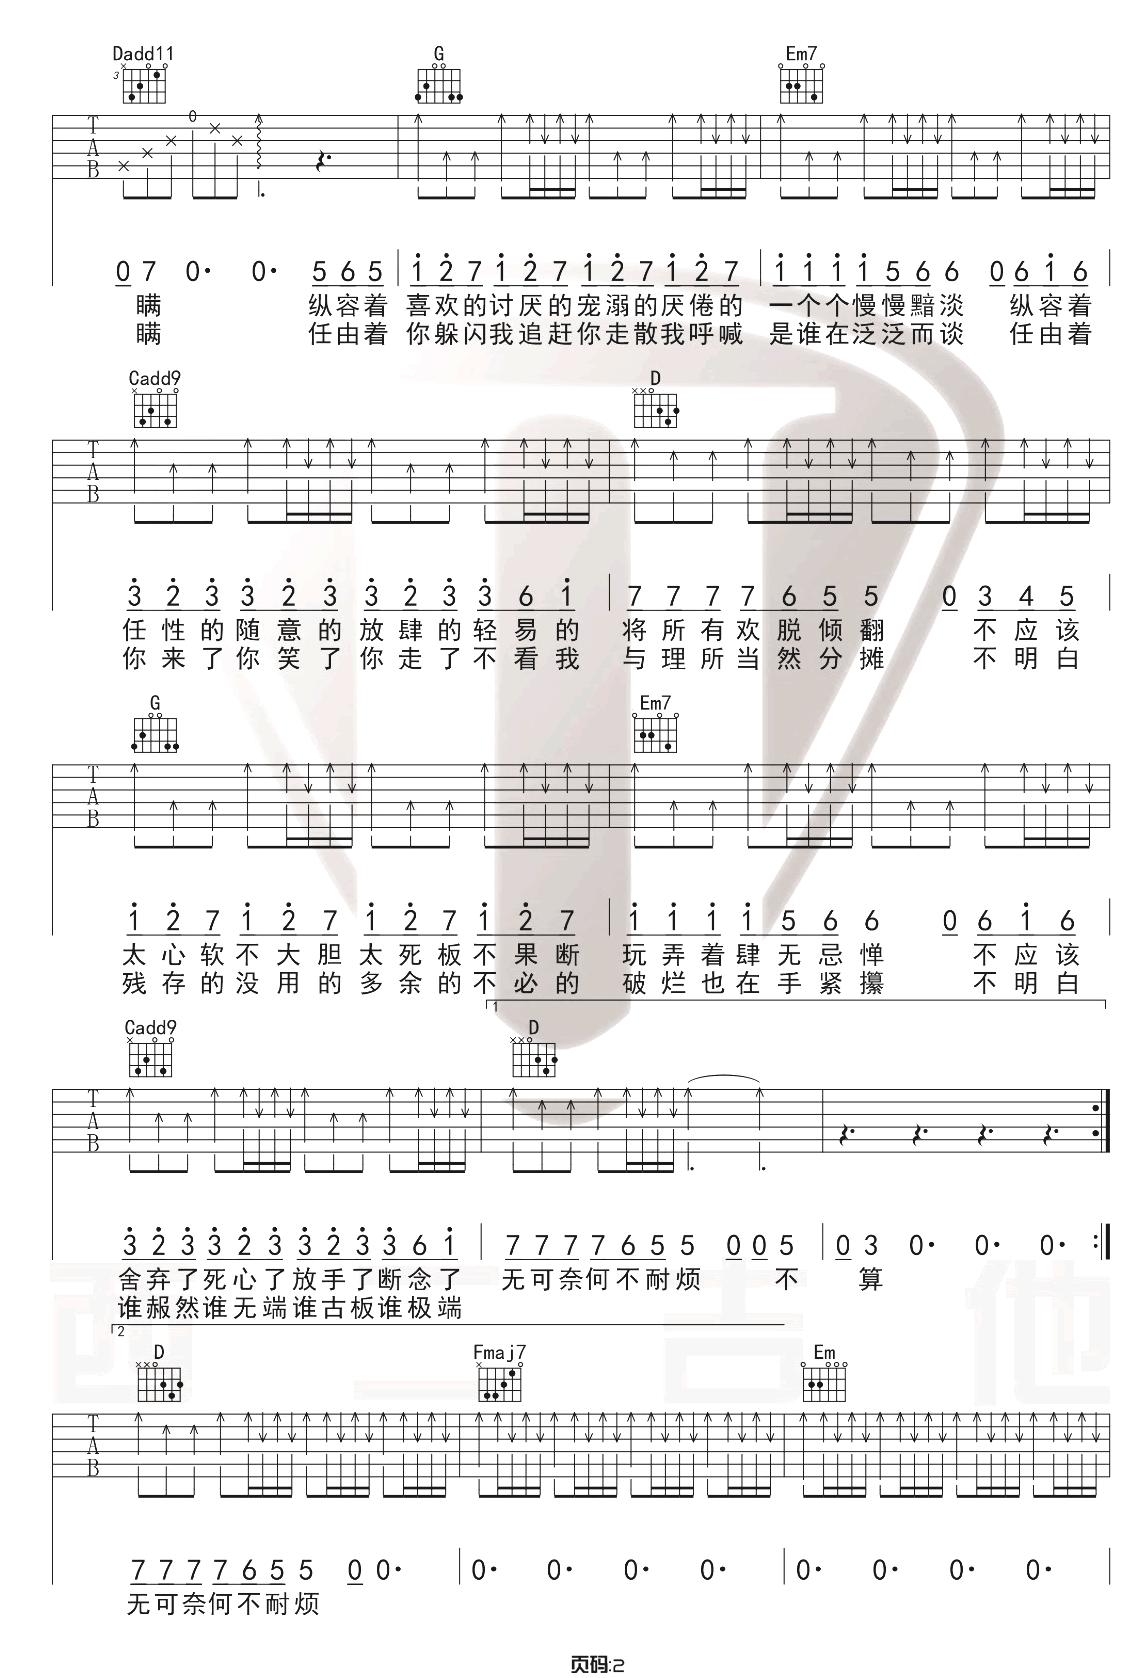 小半吉他谱_陈粒_小半G调原版吉他弹唱六线谱_高清图片谱2